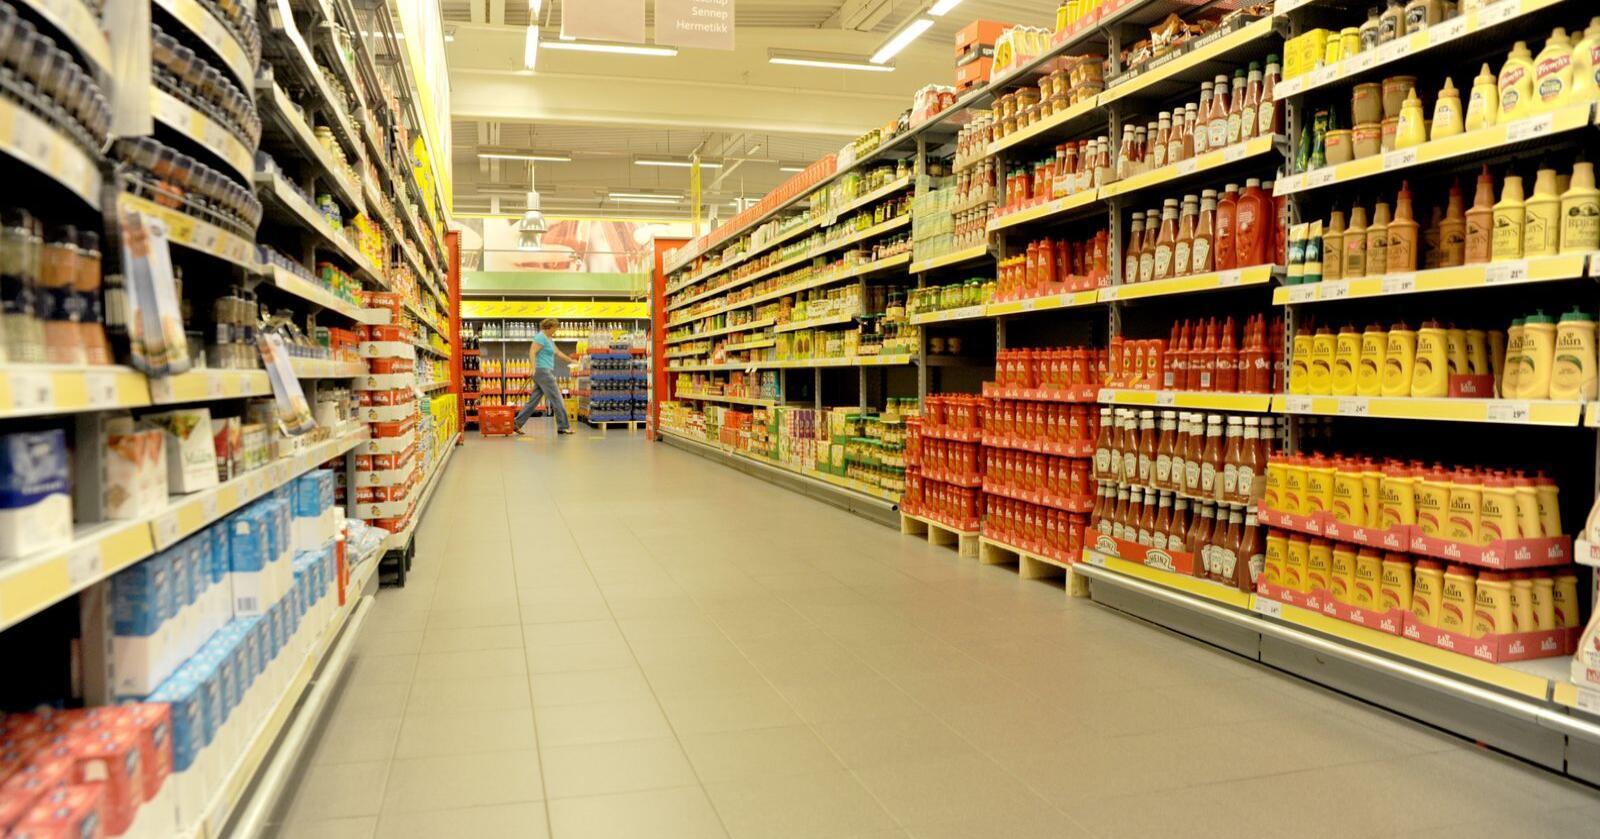 Næringsmiddelindustrien har auka med 4,1 prosent under koronakrisa. Foto: Mariann Tvete